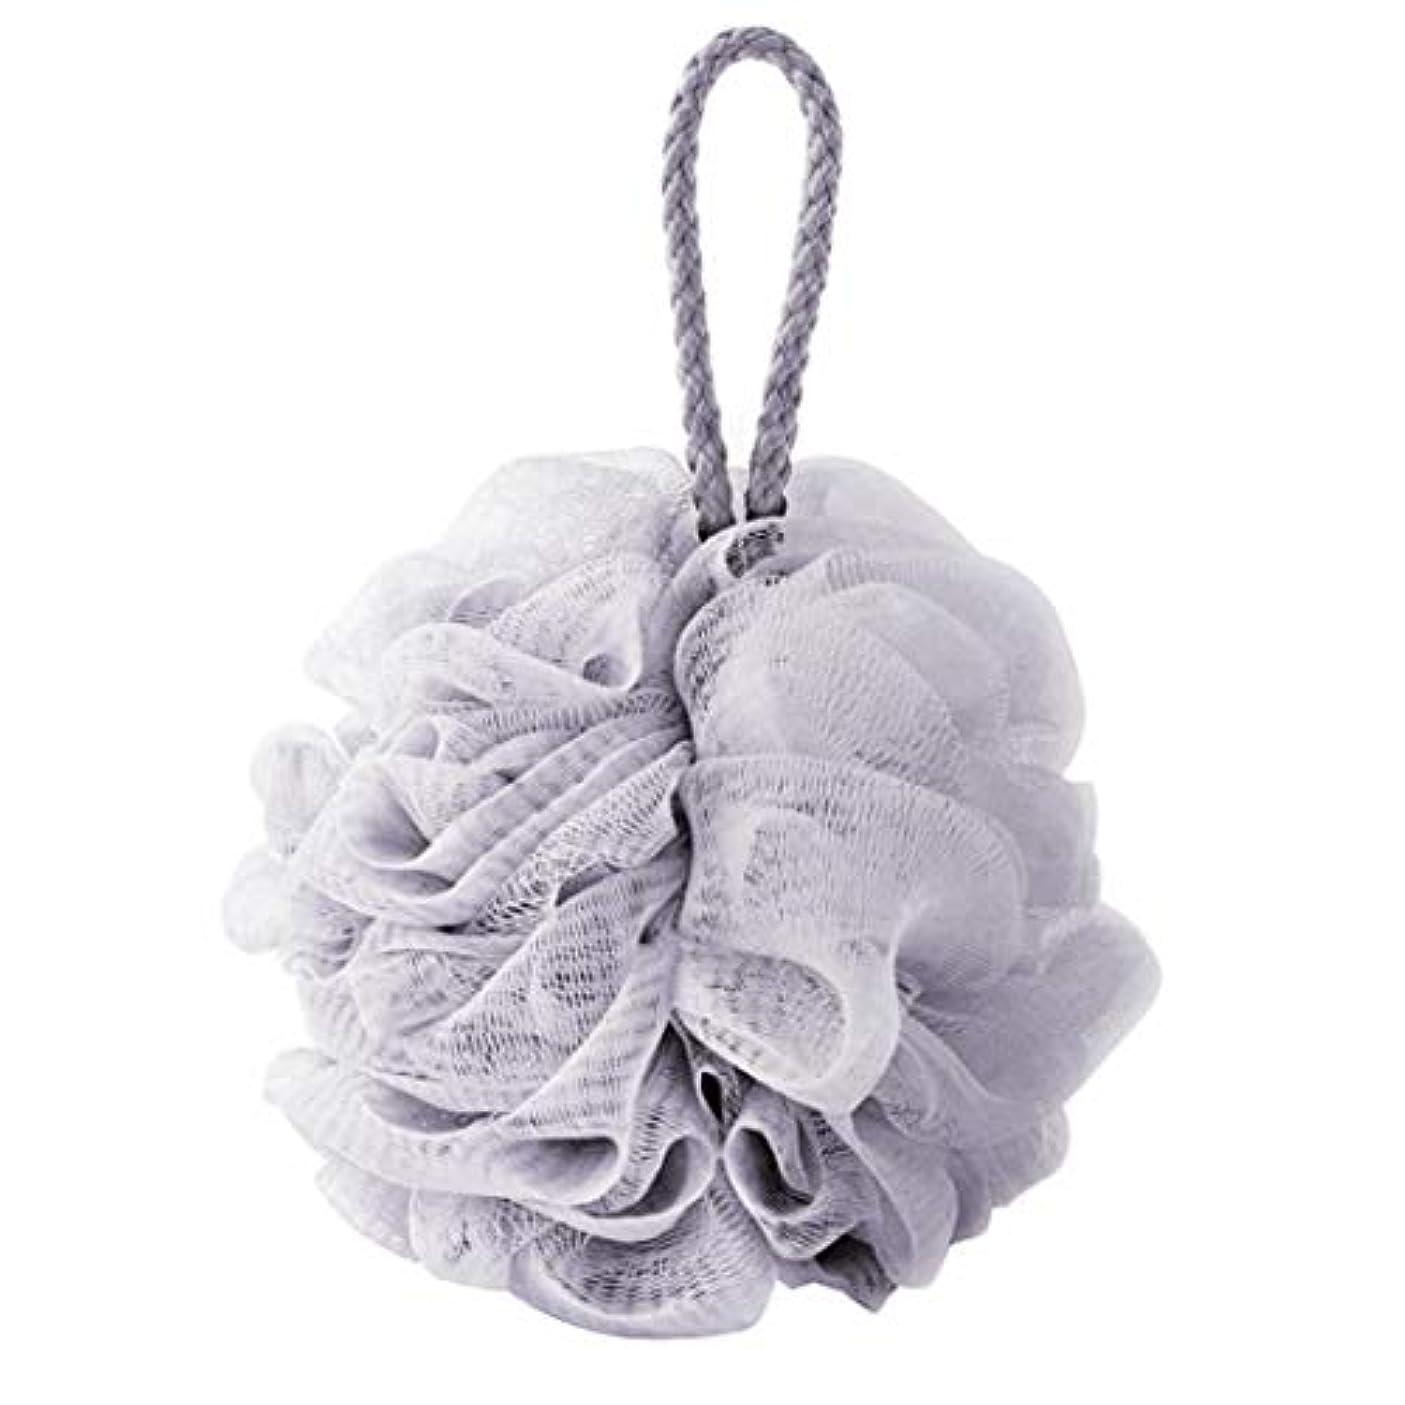 診断する表現コンドームcomentrisyzソフトシャワー入浴ボールブラシ泡泡ネットボディスクラブ洗浄ツール - ブルー